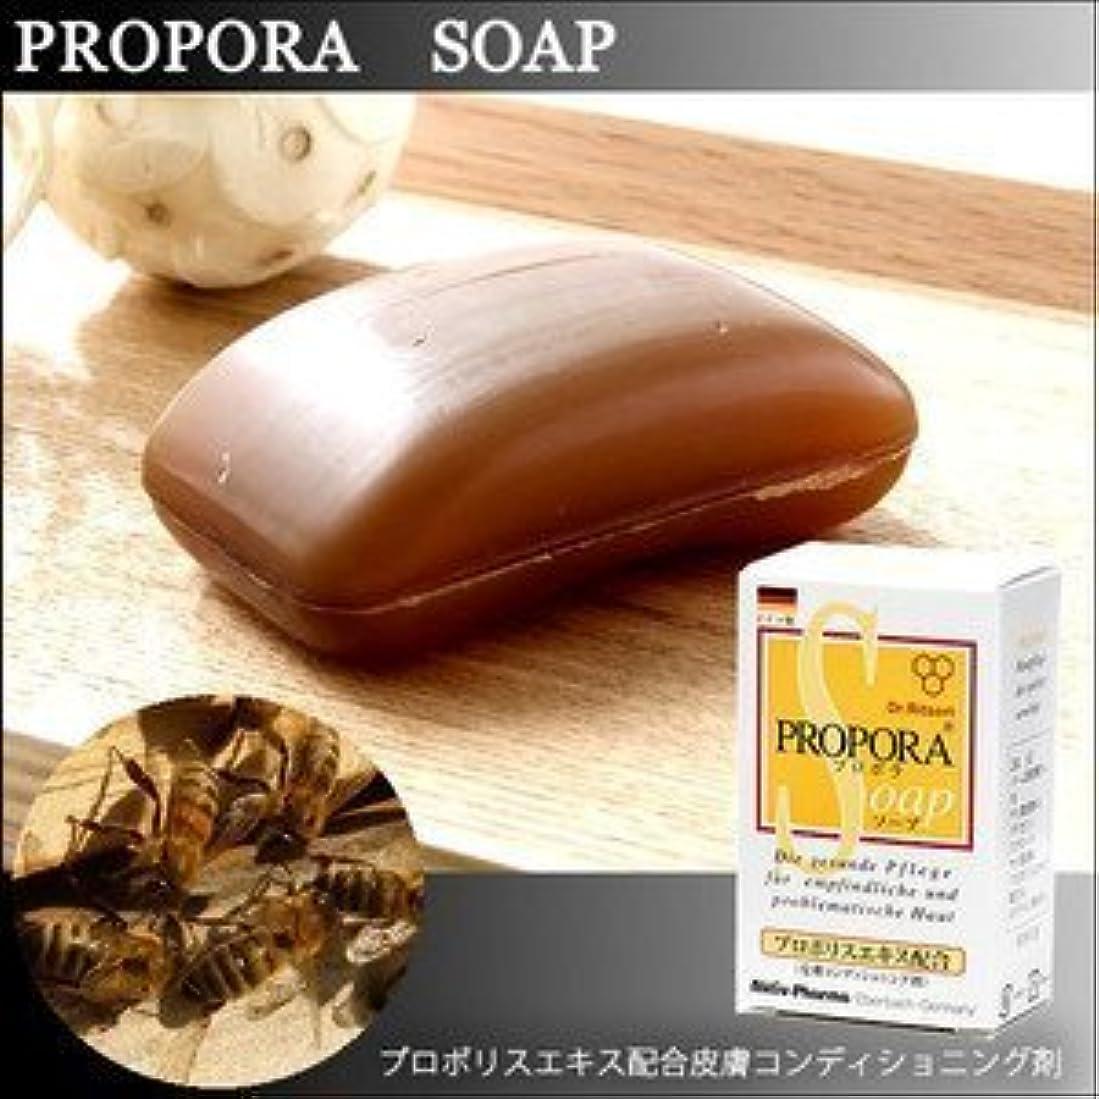 ピース香水複雑お肌にお悩みの方に 天然由来成分のみを使用したドイツ生まれのプロポラソープ